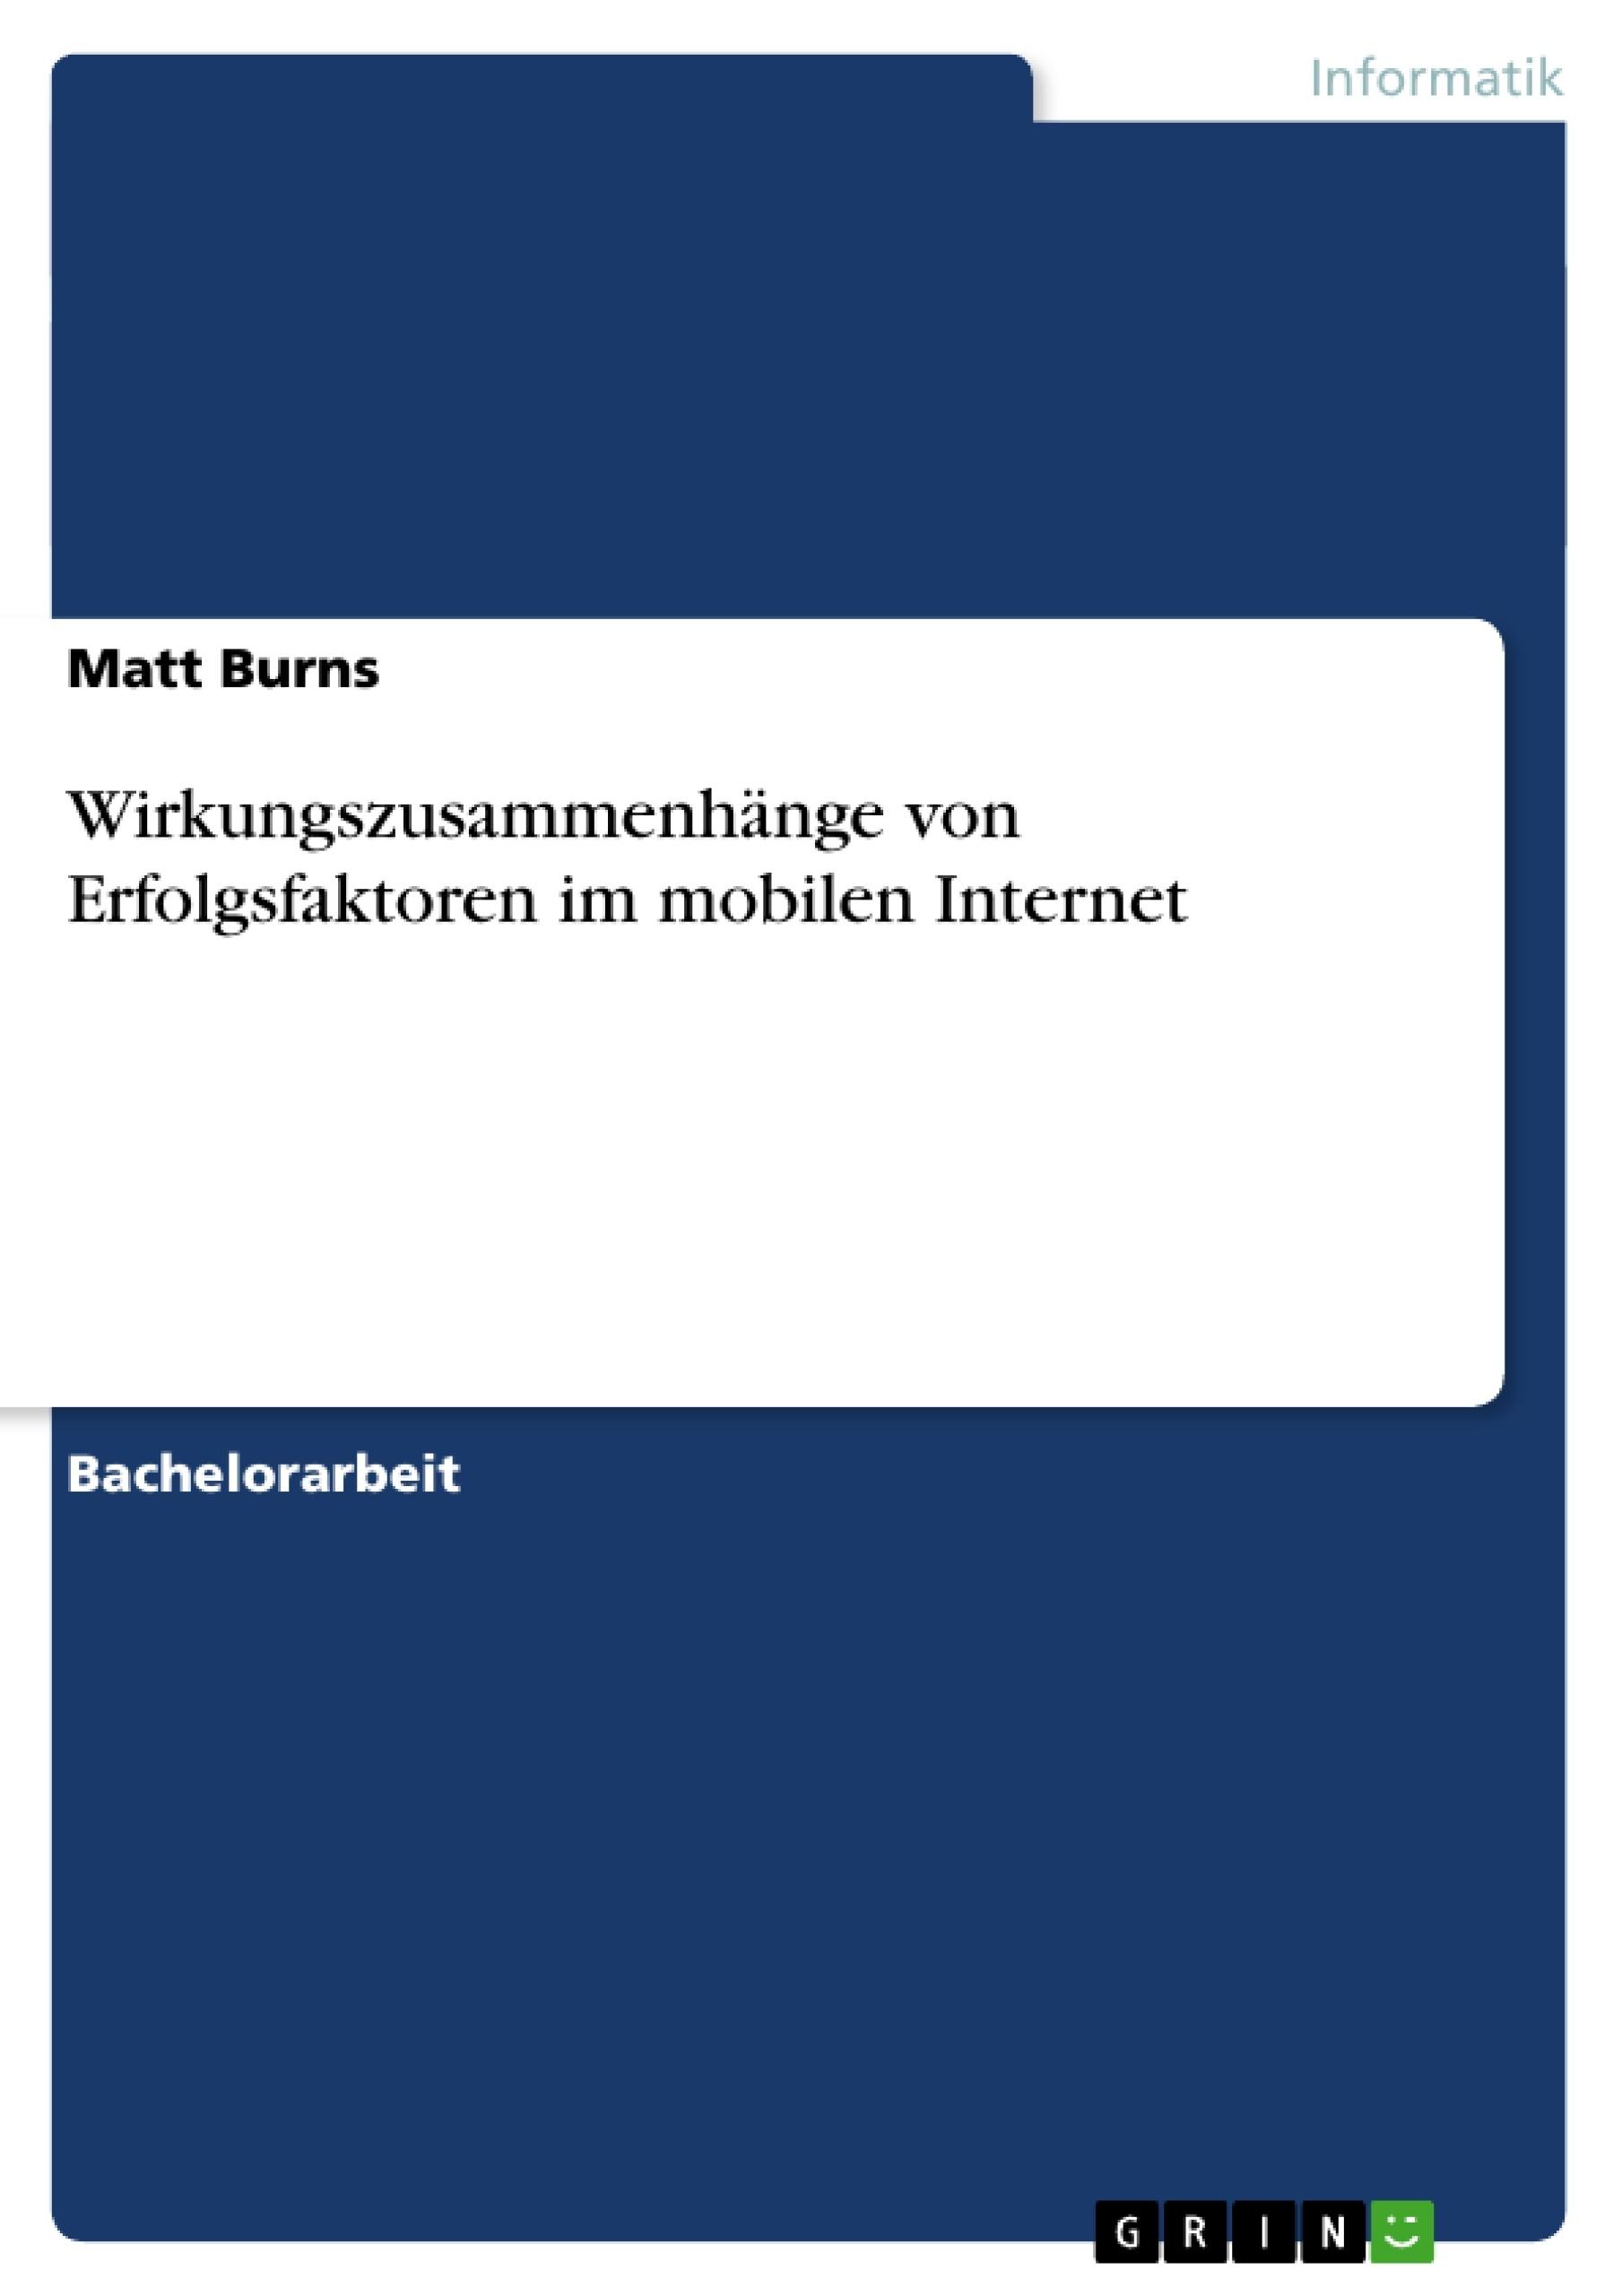 Titel: Wirkungszusammenhänge von Erfolgsfaktoren im mobilen Internet